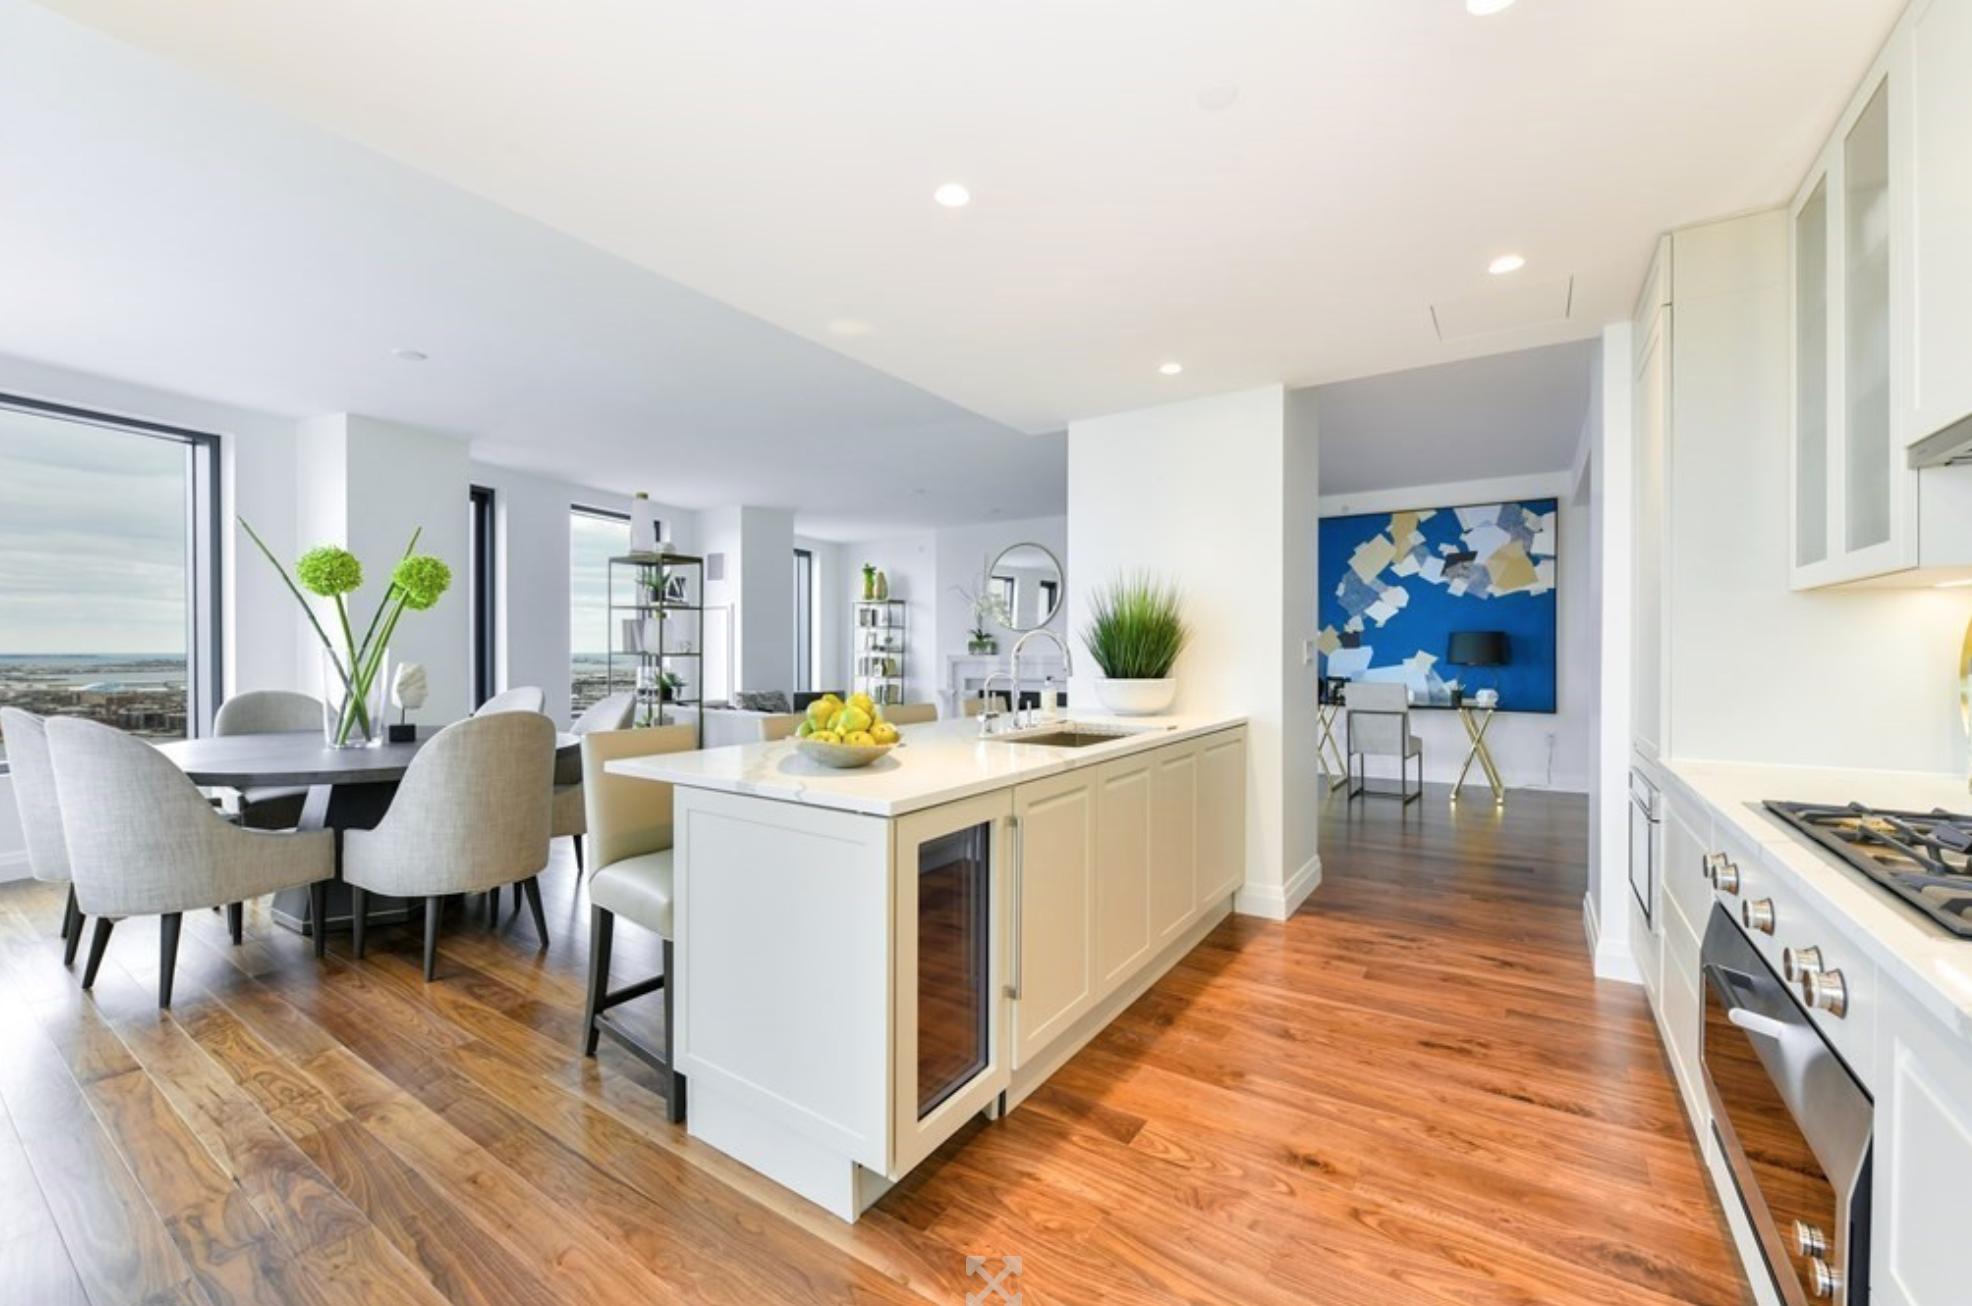 The Sudbury - Interior Kitchen Dining Area